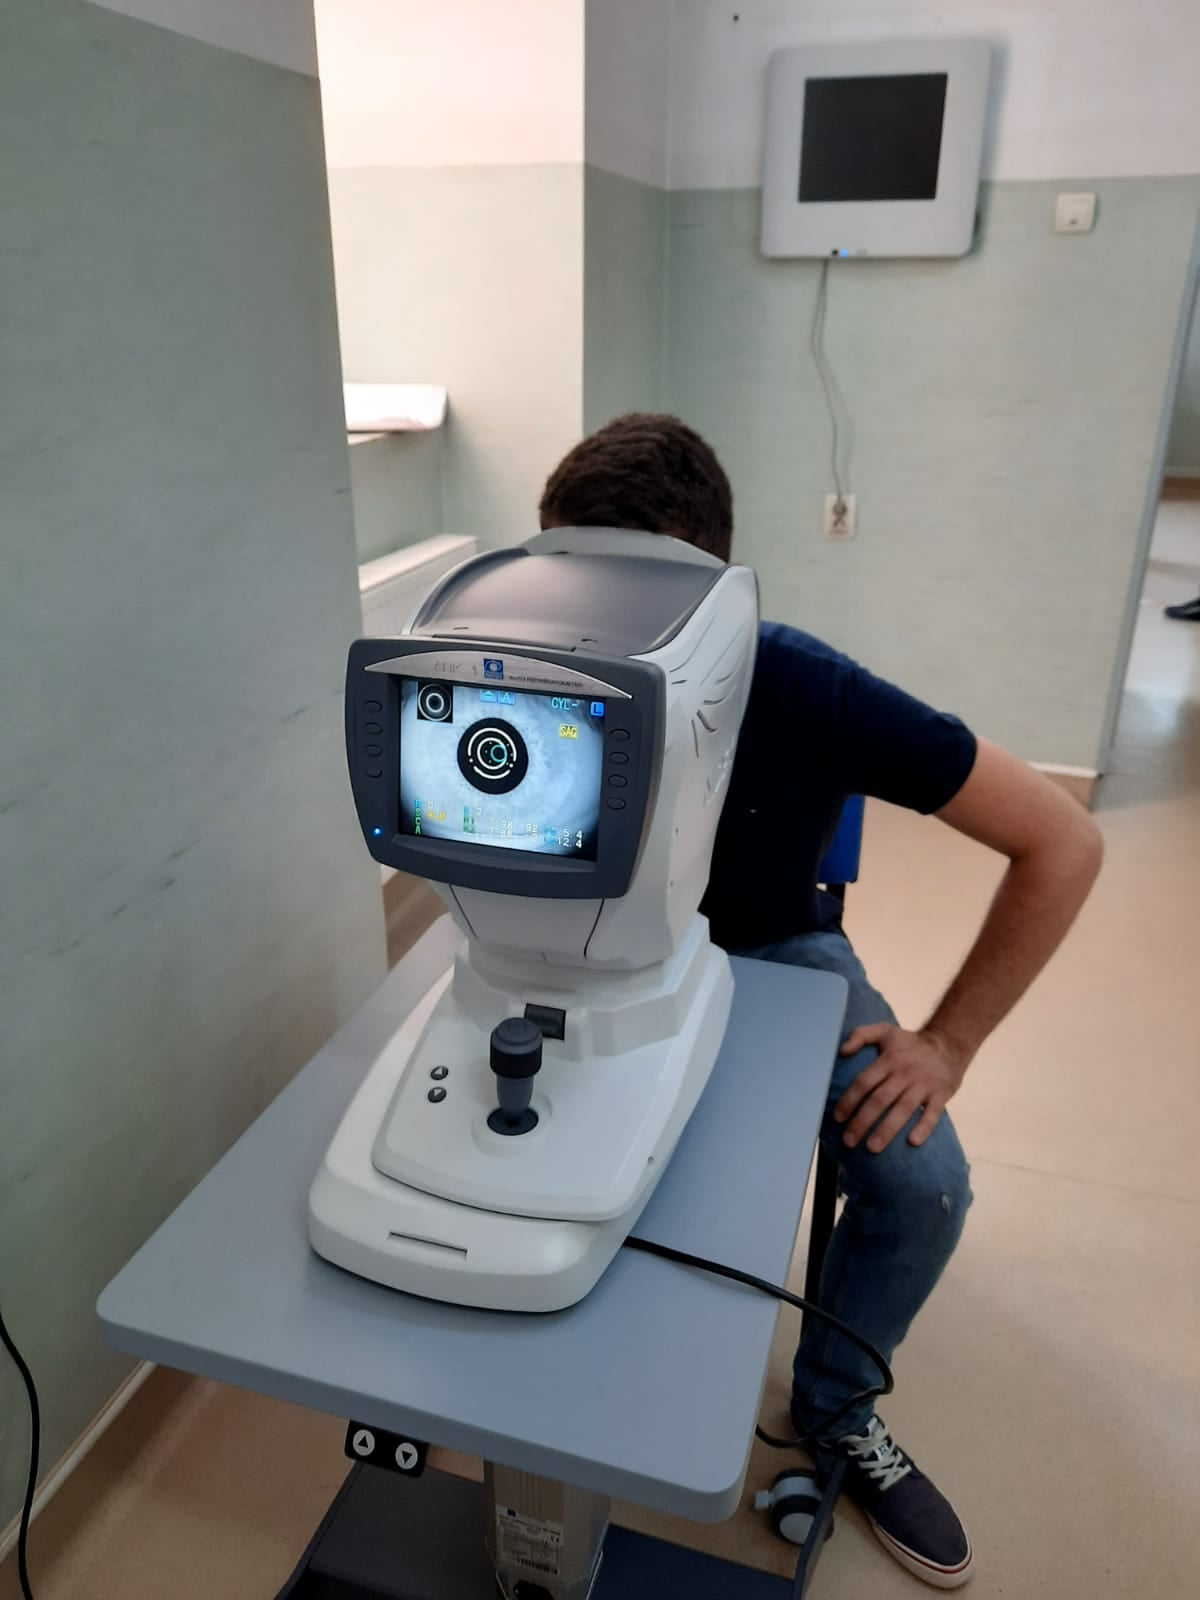 Consiliul Județean Cluj a dotat Spitalul Județean de Urgență cu circa 100 de echipamente medicale ultraloderne